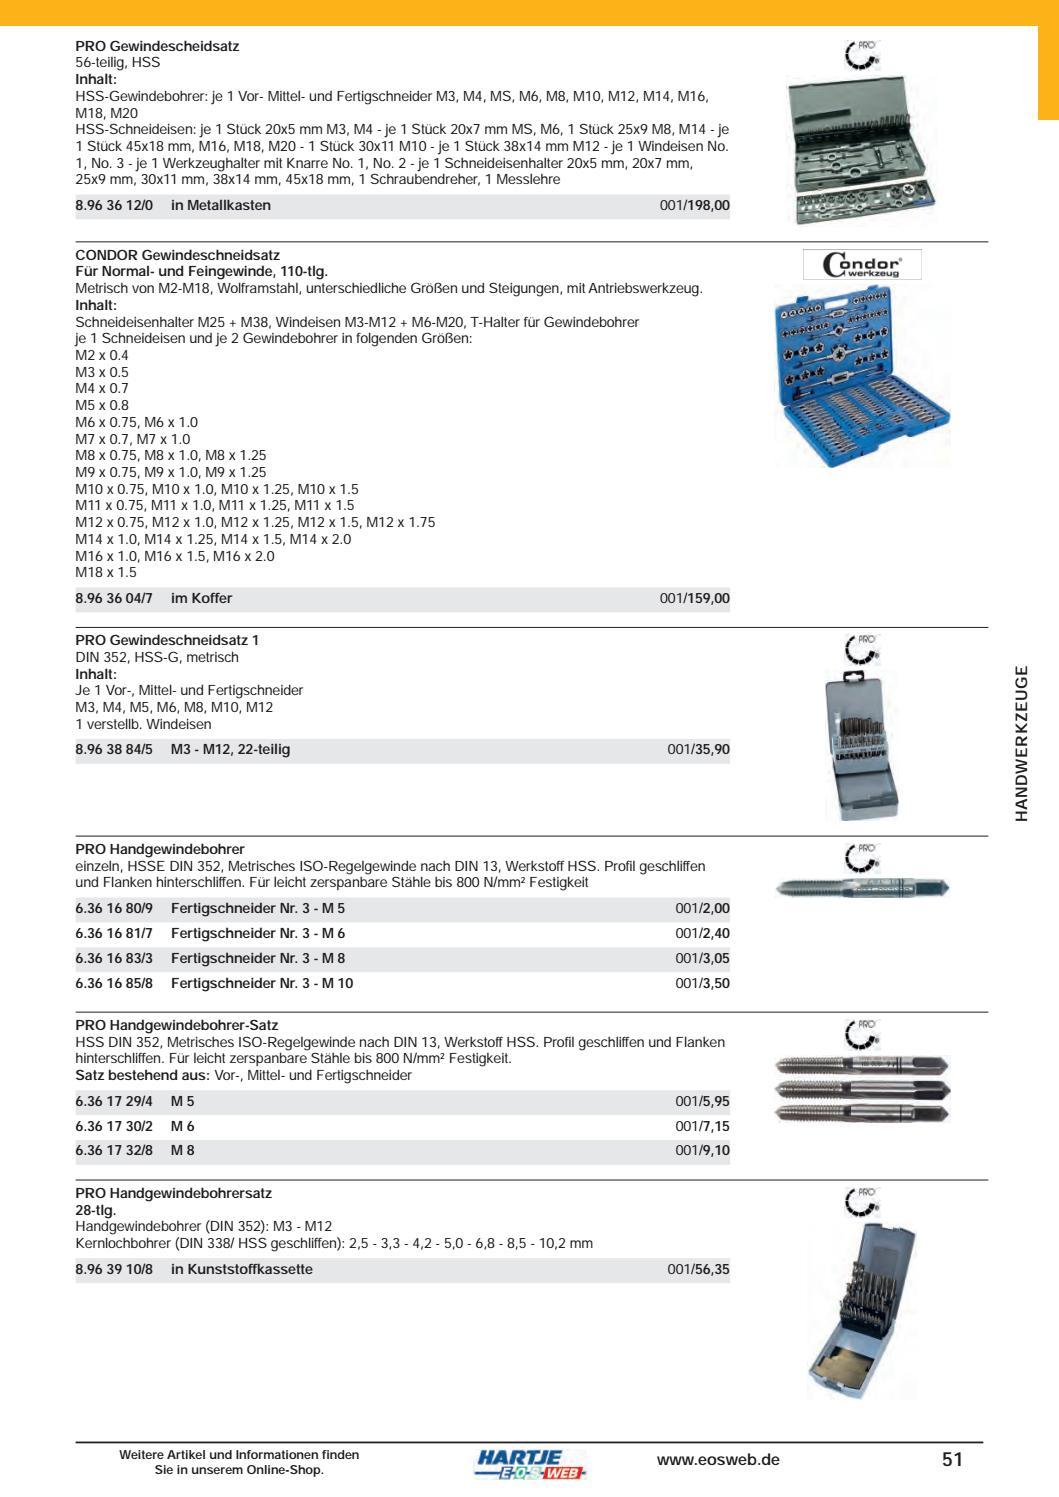 9-tlg Gewindeschneidsatz Schneideisen DIN 223 DIN 225 M3 M4 M5 M6 M7 M8 M10 M12